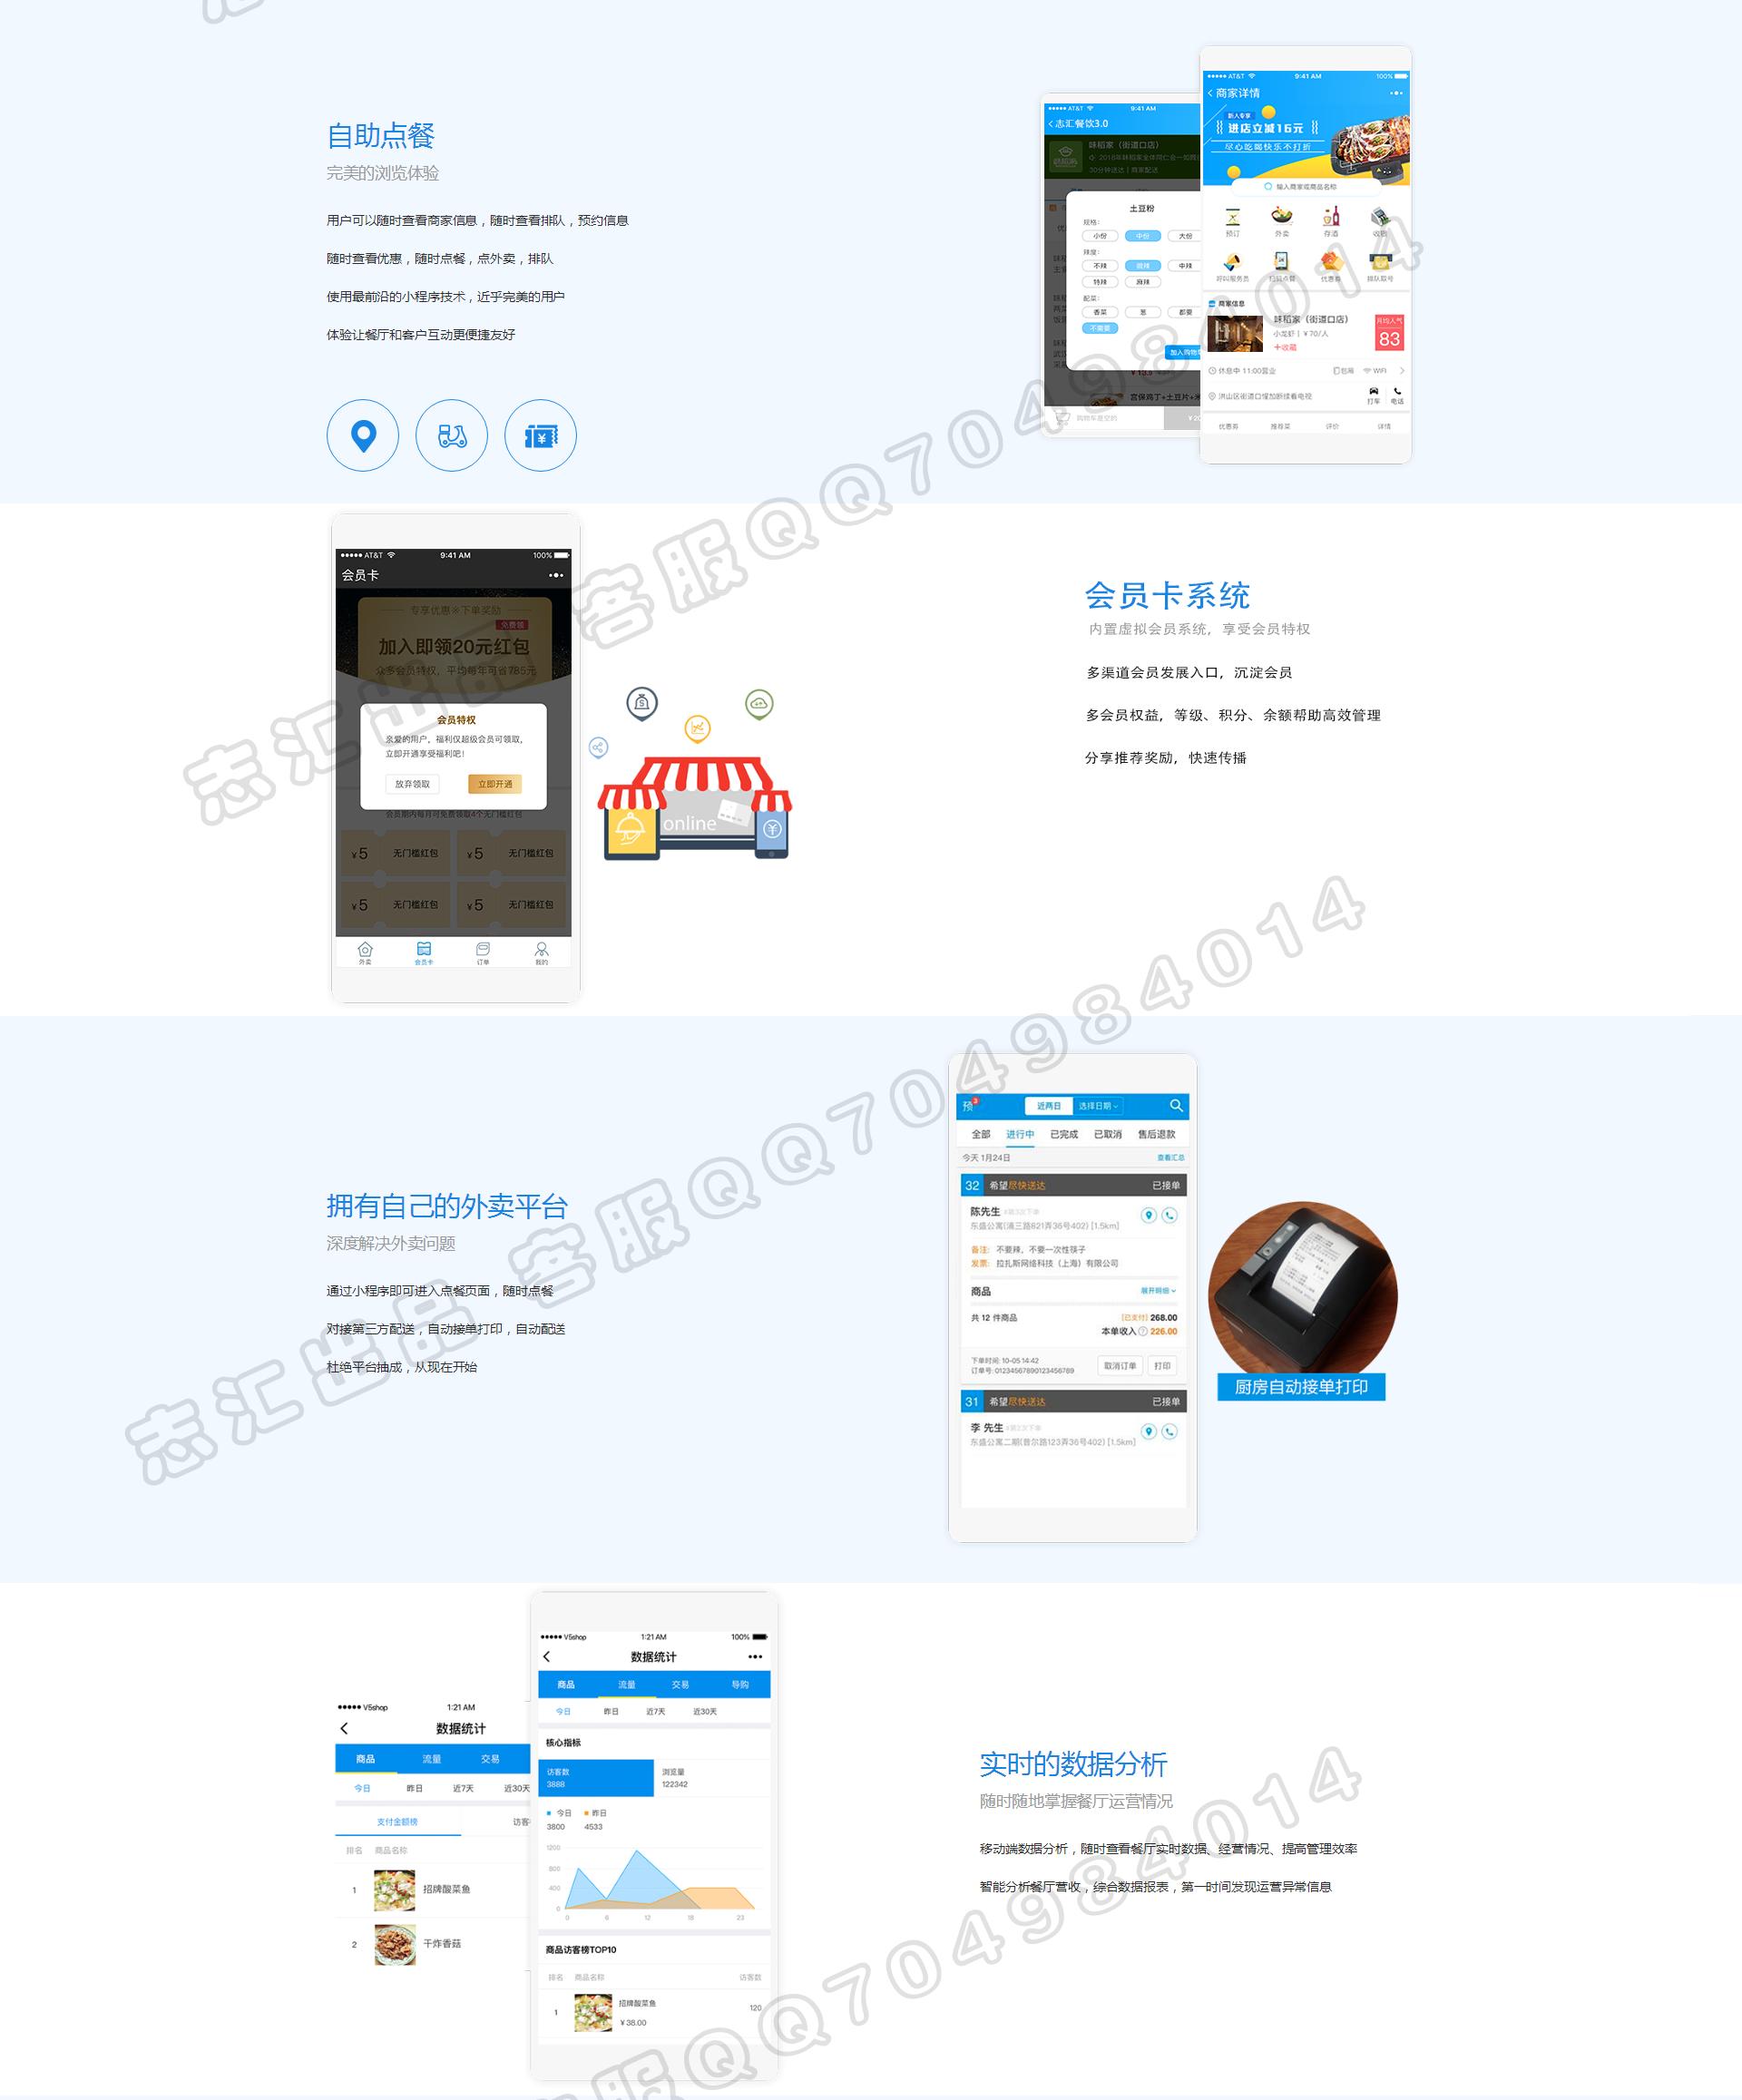 【微擎功能模块】叮咚-外卖餐饮小程序 zh_cjdianc 版本号:6.3.7 – 超级餐饮营销版 支持订阅消息-热丸吧